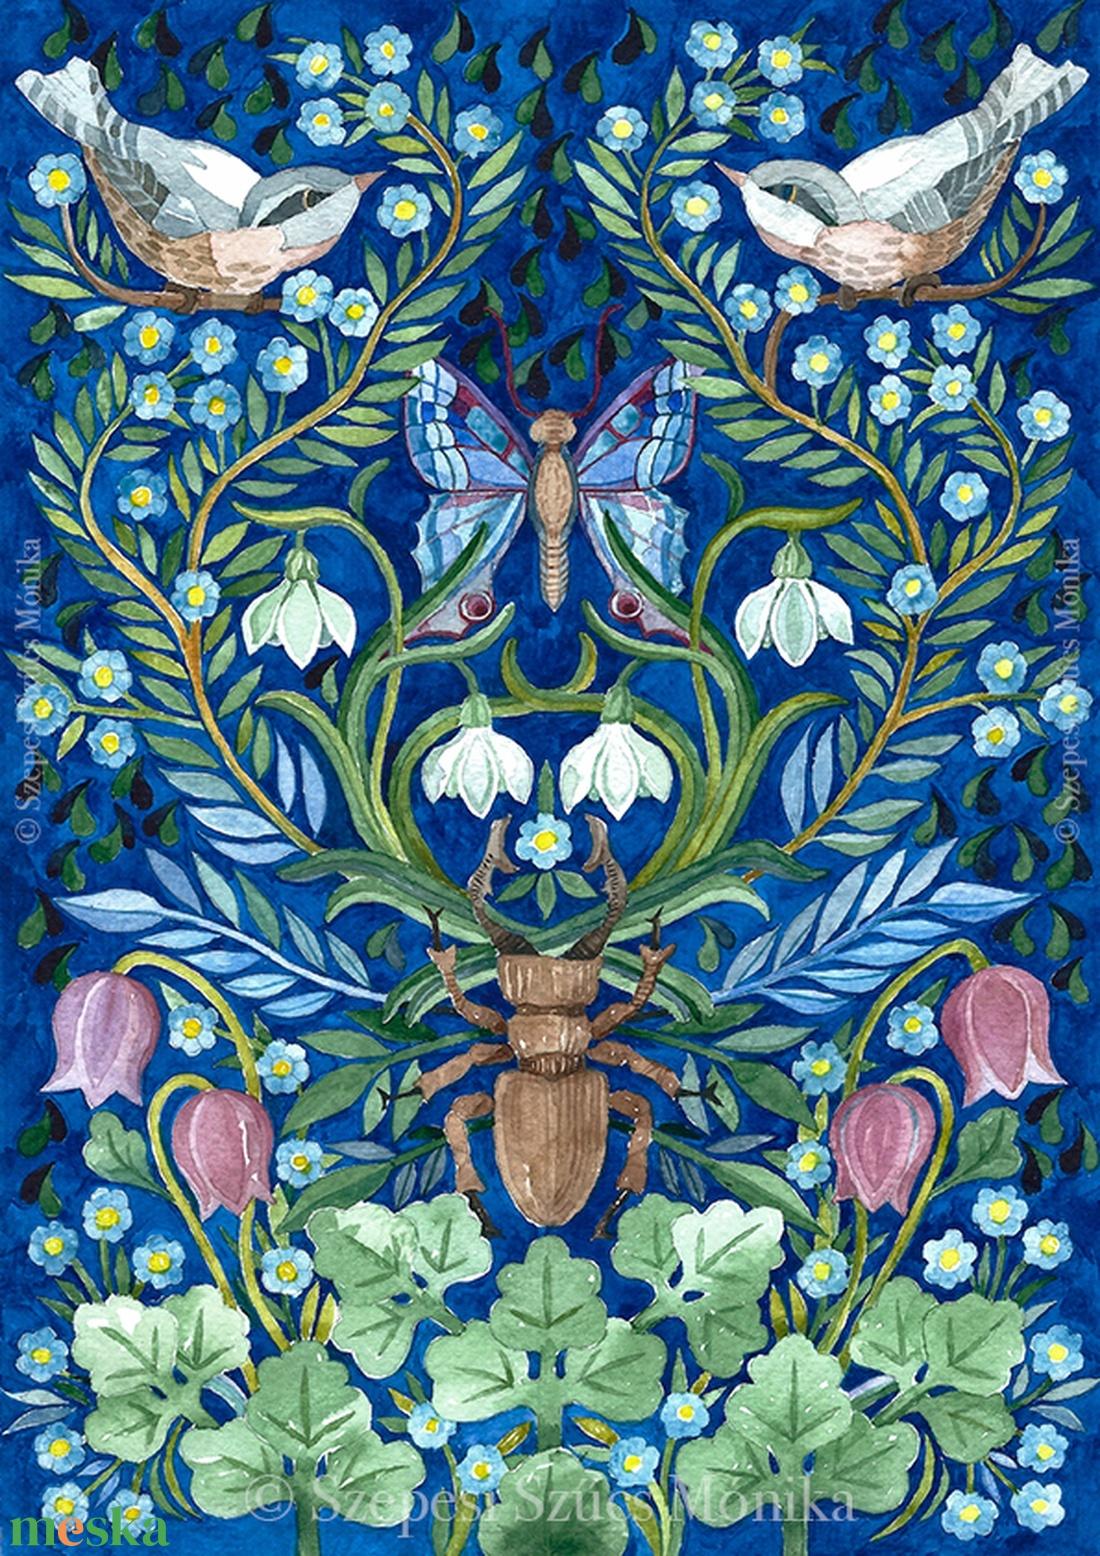 Kincsek a kertben - Print (Akvarell) - Meska.hu